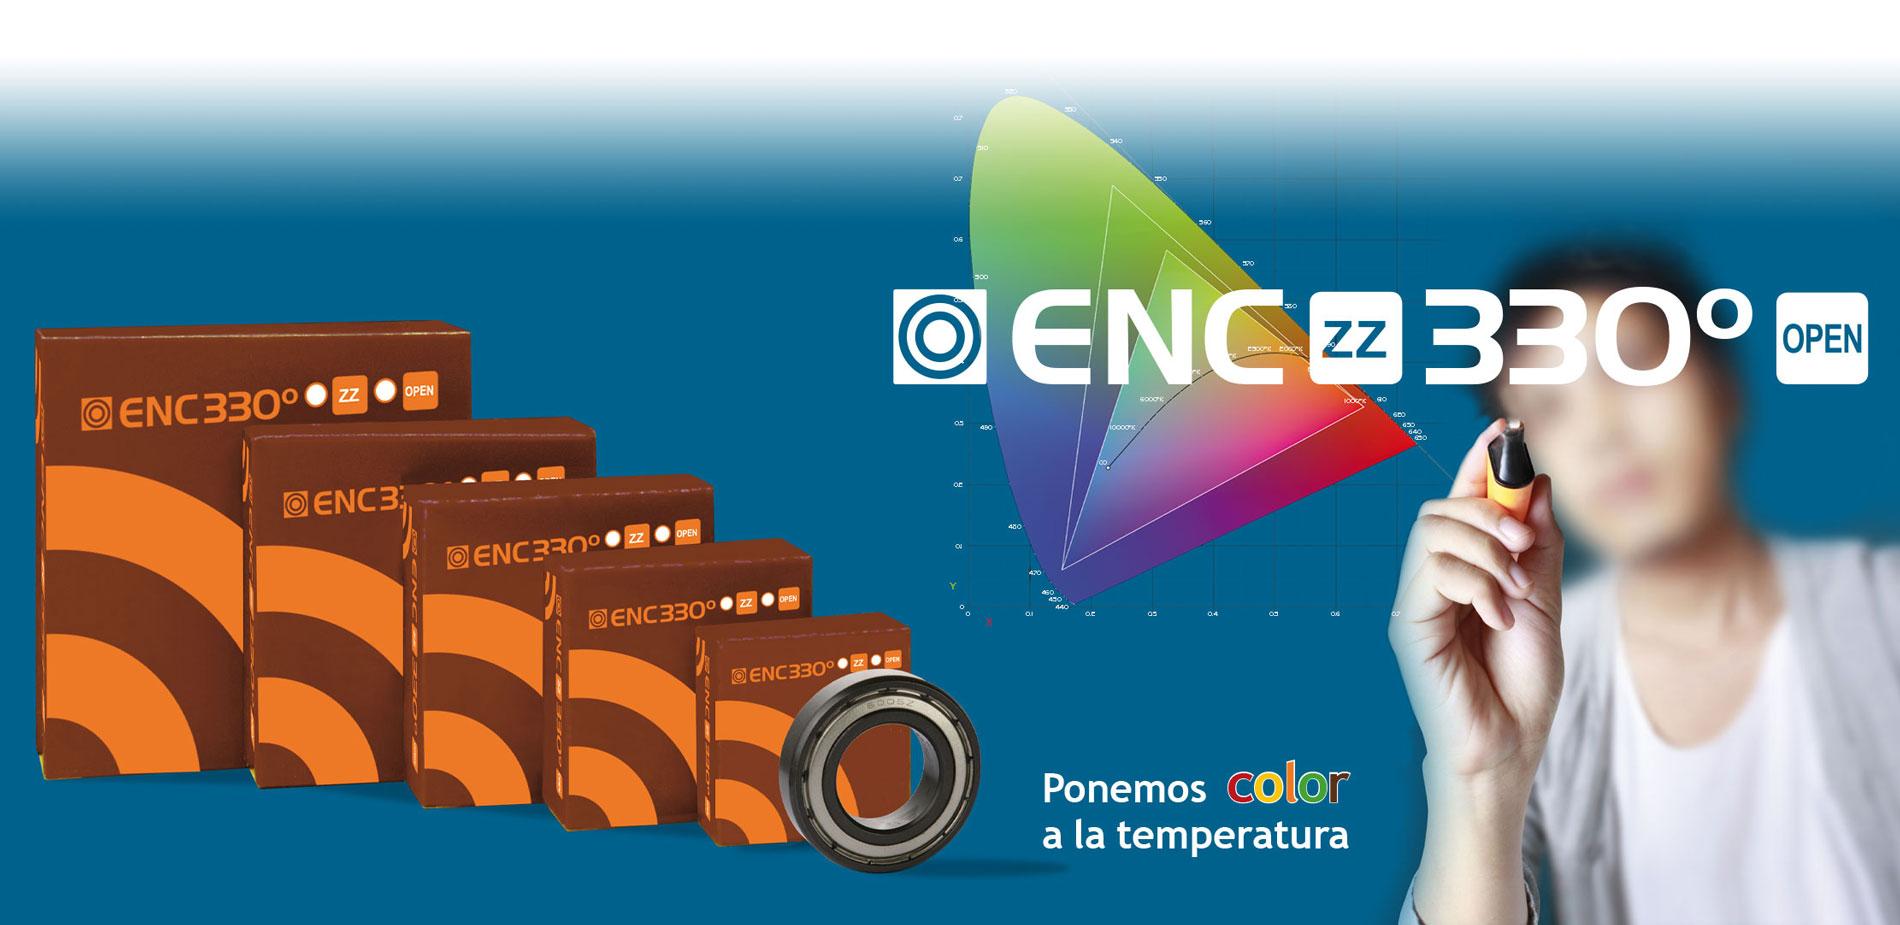 Slider_ENC_330_ZZ_OPEN_ES